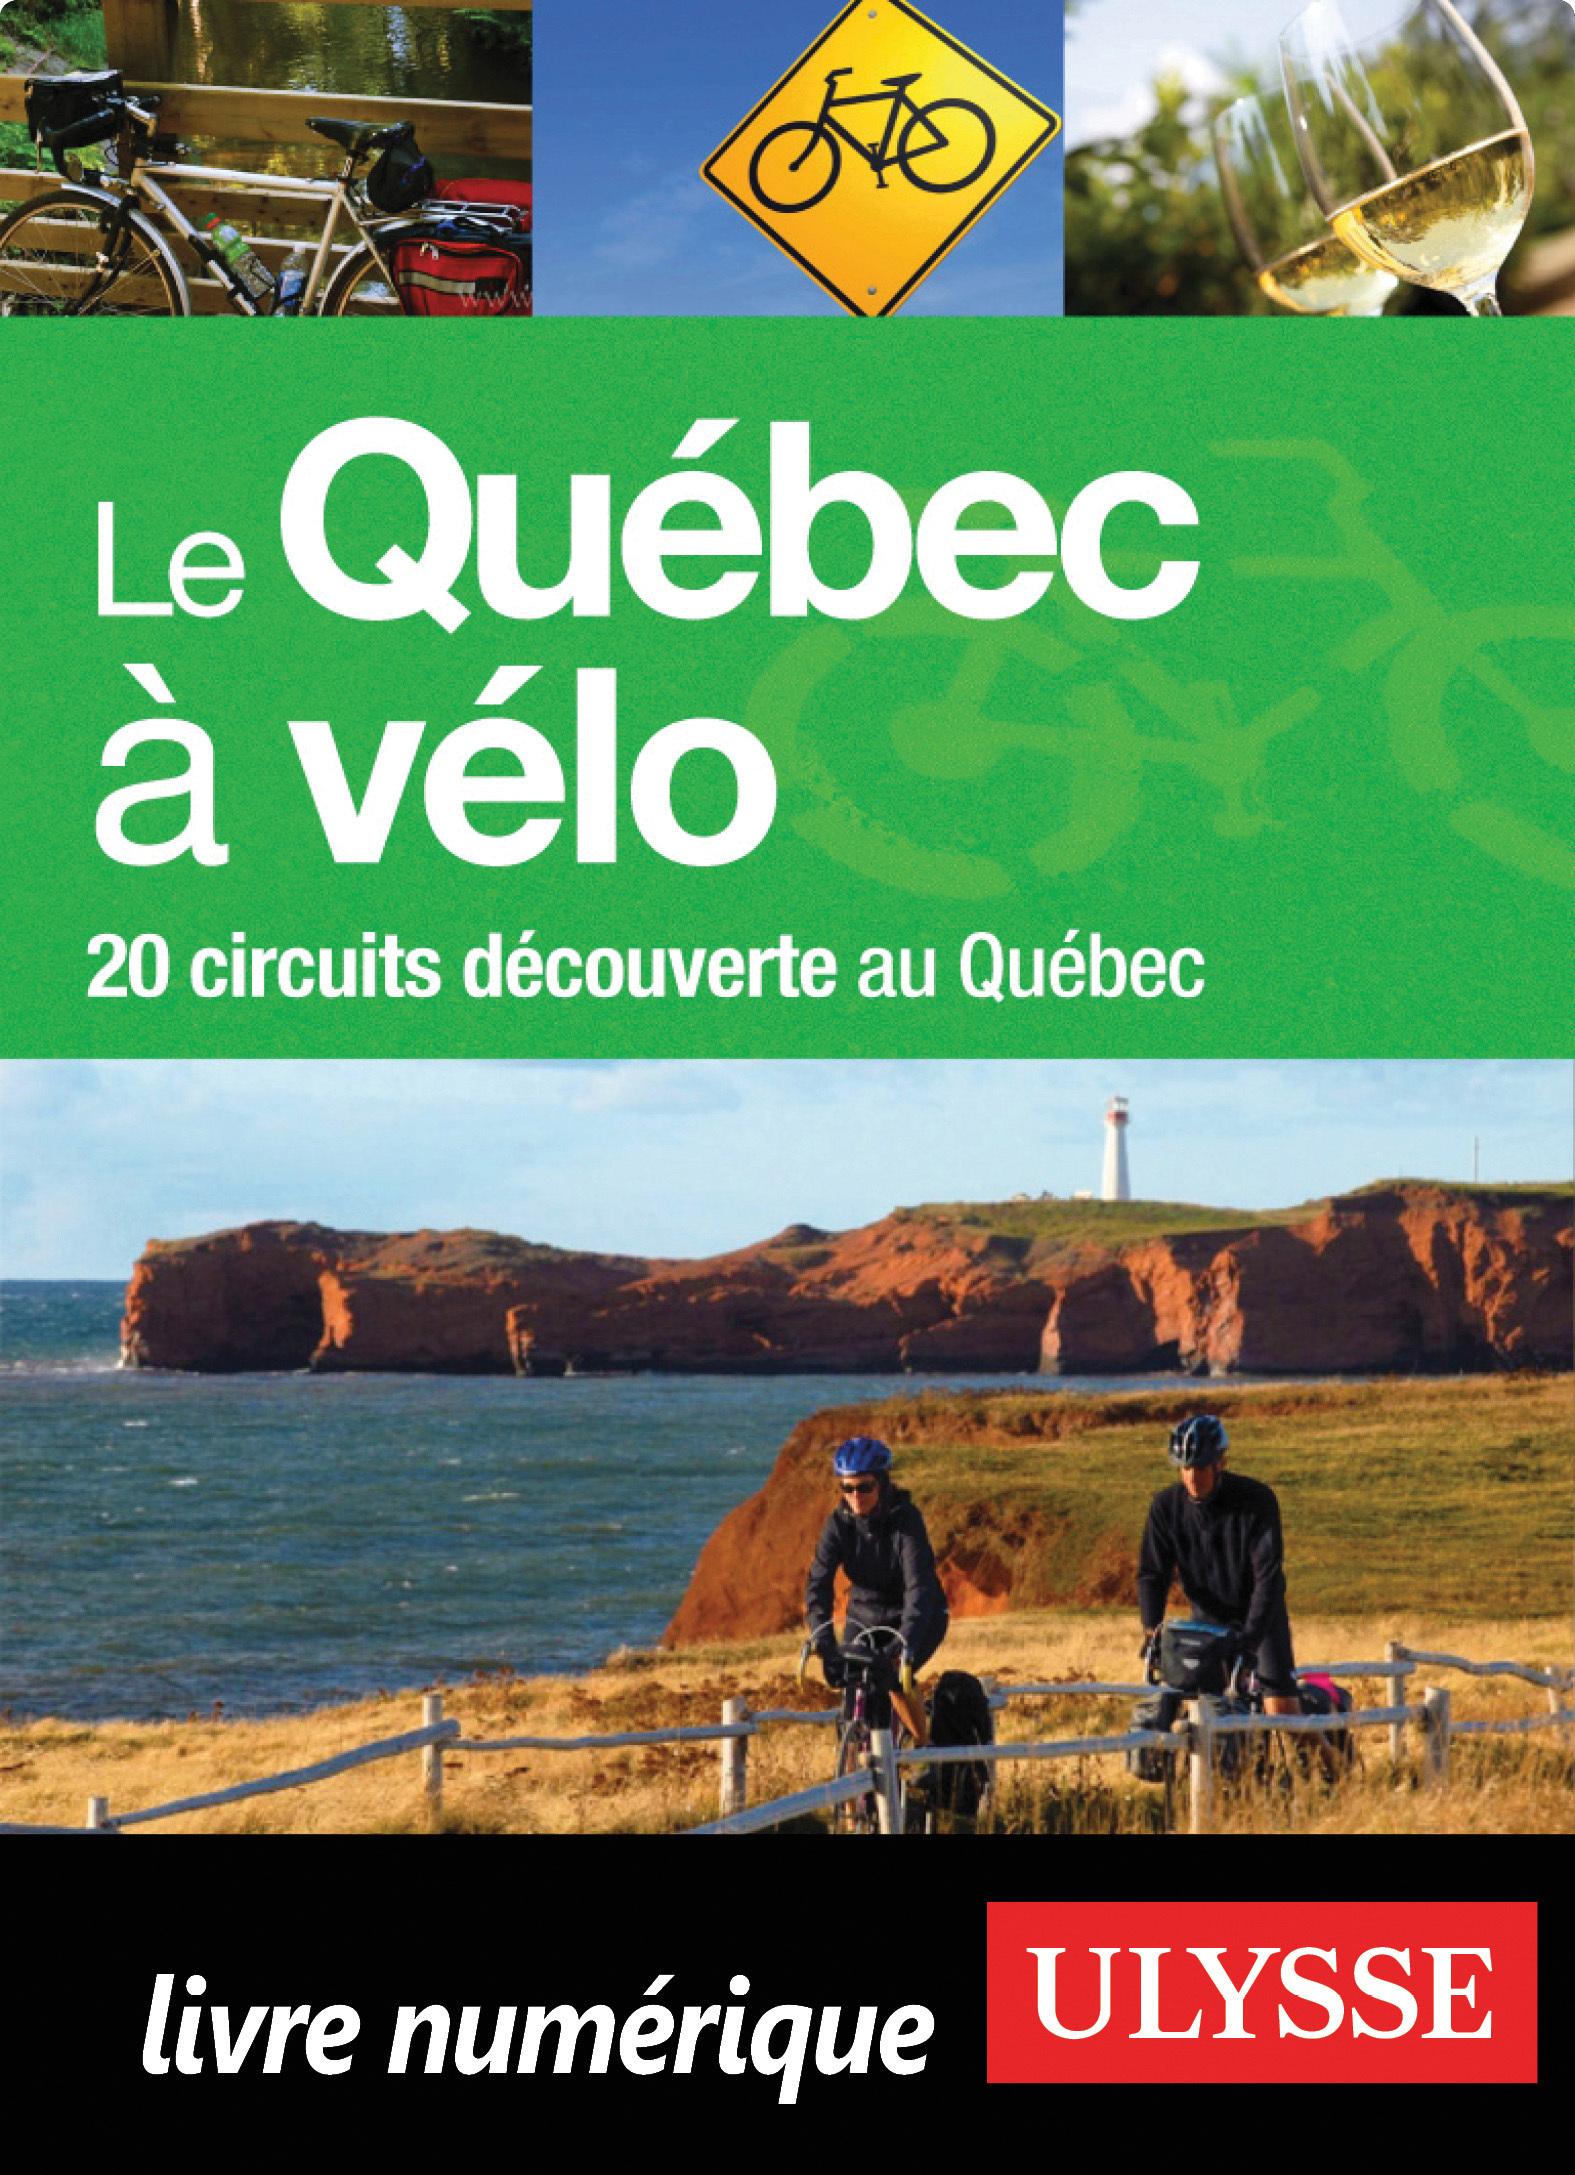 Le Québec à vélo - 20 circuits découverte au Québec